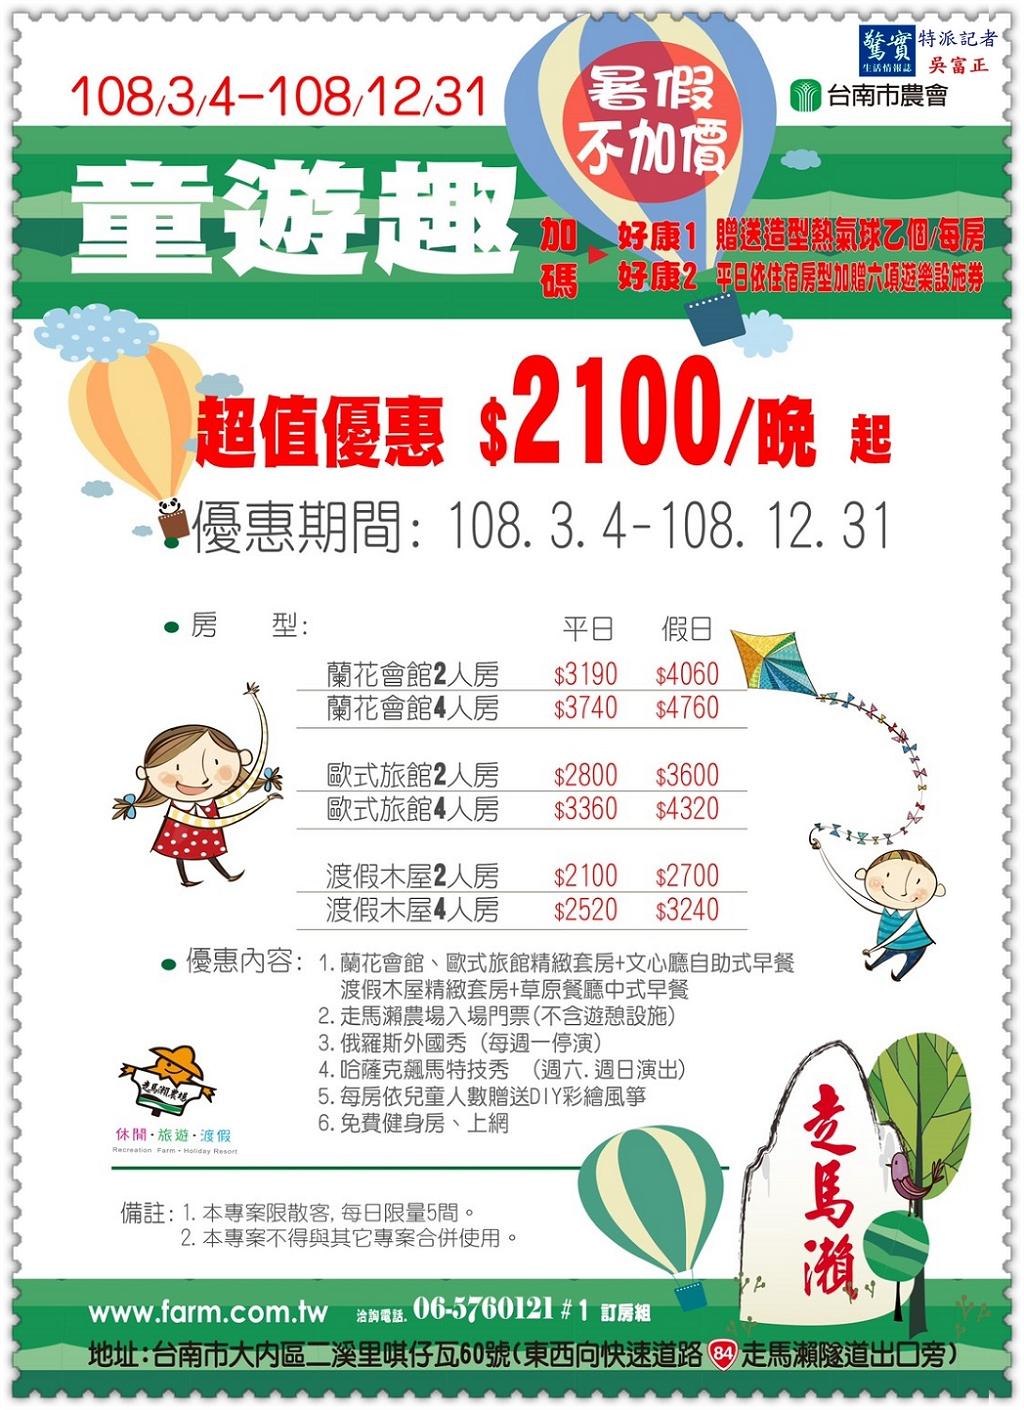 20190225b(驚實報)-走馬瀨農場0228-0303入園優惠200元/六歲以下小朋友免費05